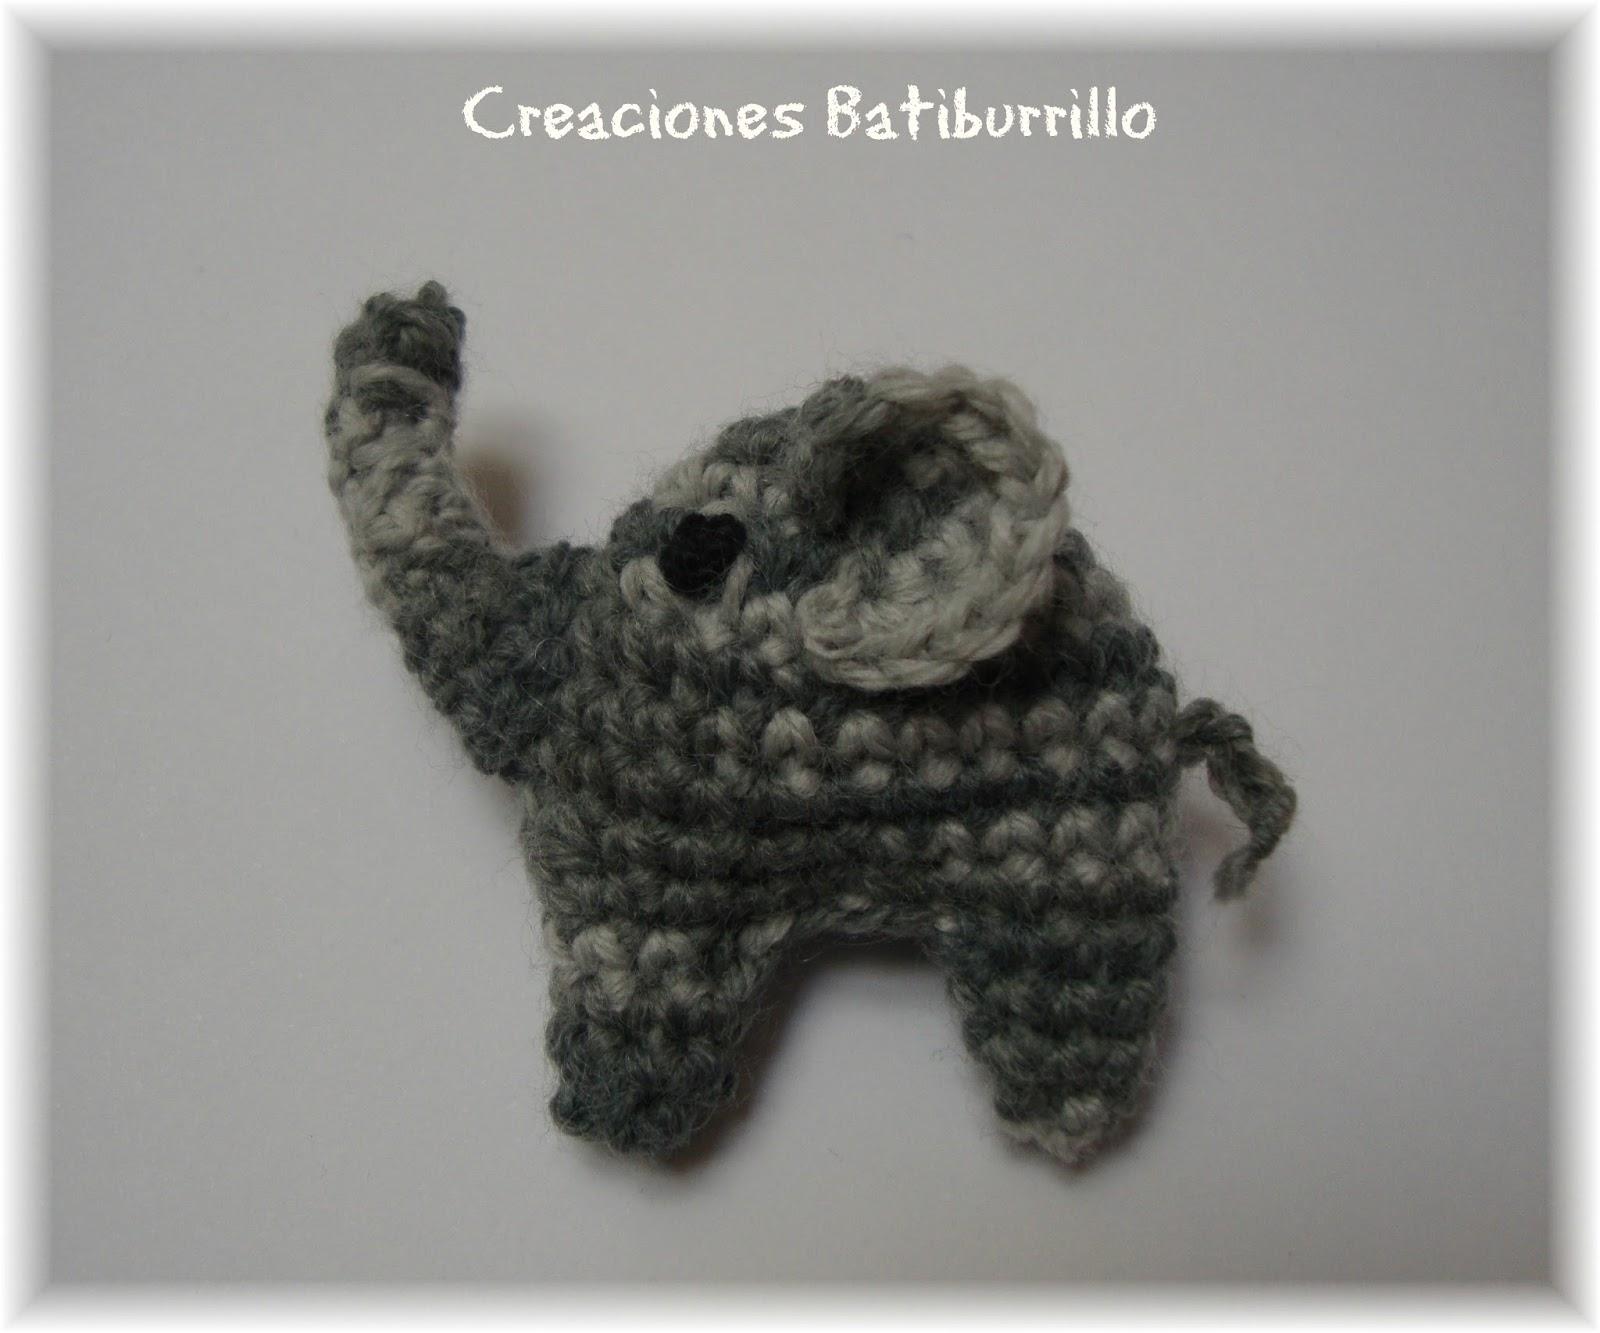 CREACIONES BATIBURRILLO: BROCHE ELEFANTE CROCHET